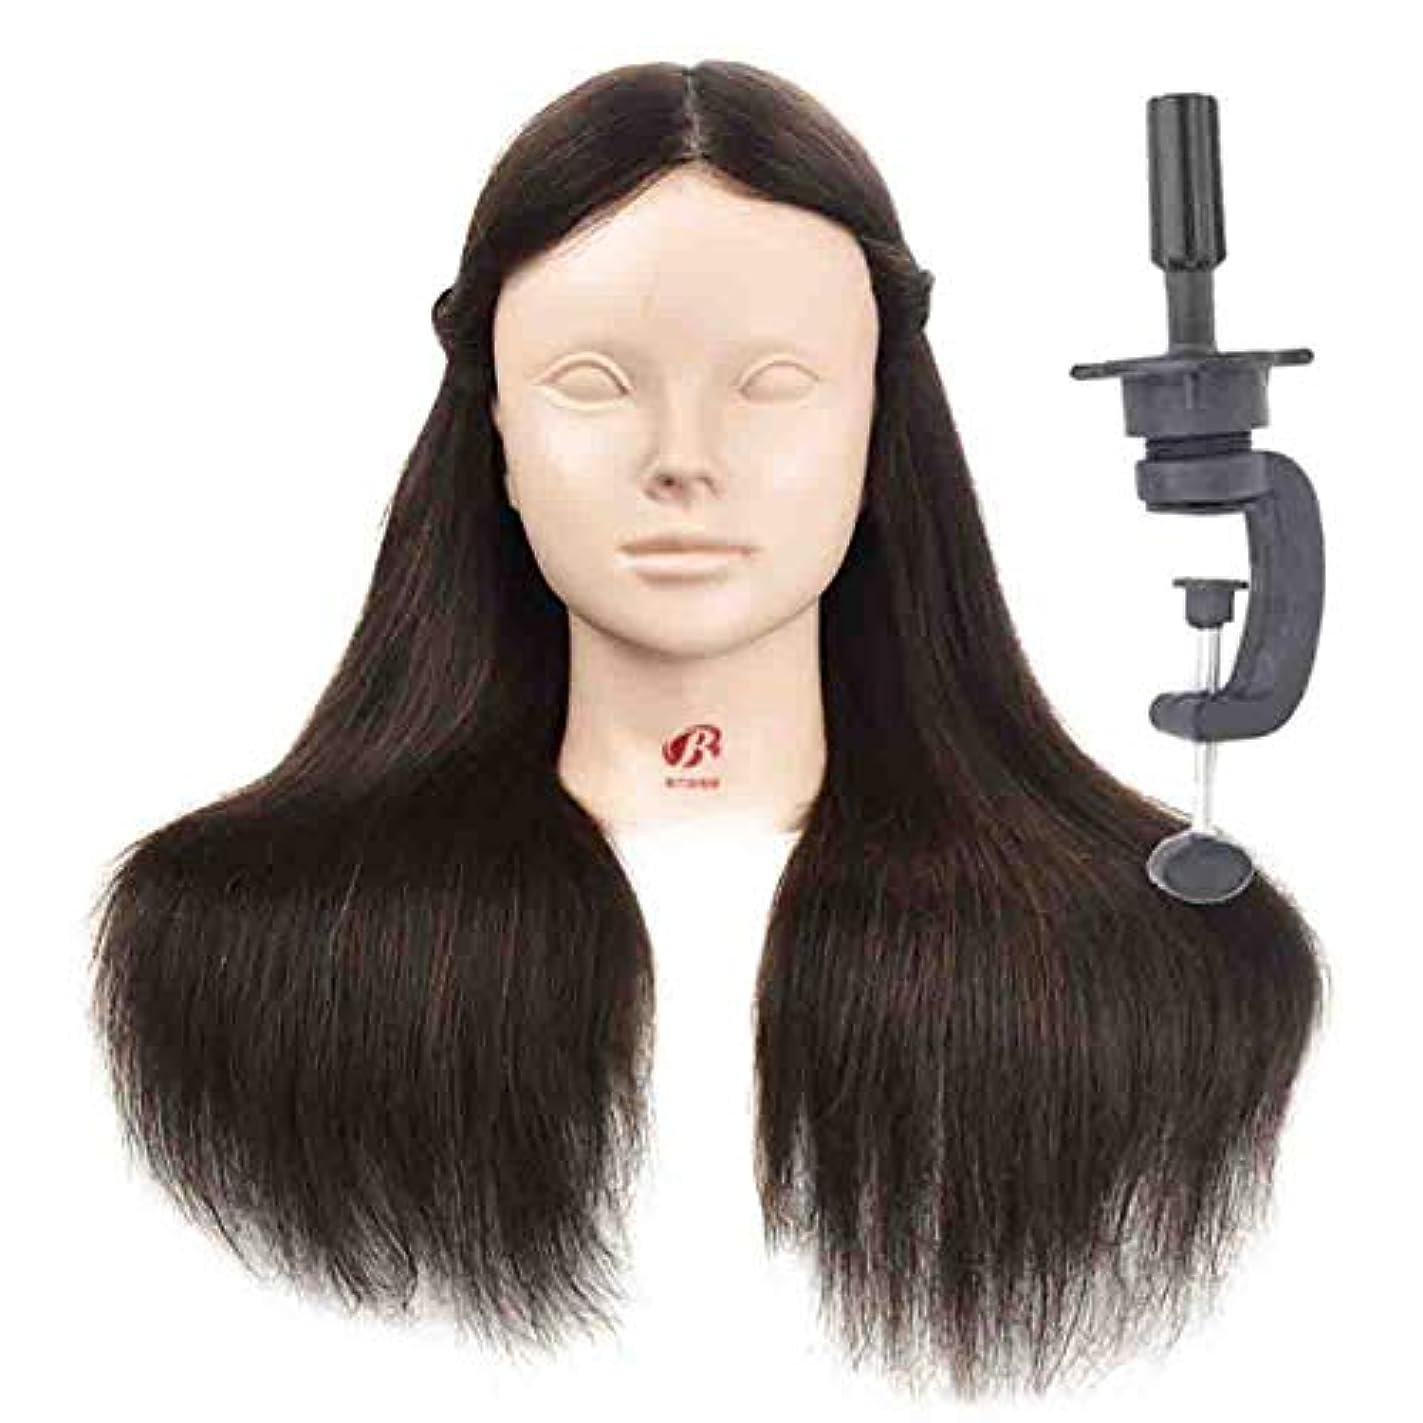 きらきら骨の折れる過半数Makeup Modeling Learning Dummy Head Real Human Hair Practice Head Model Hair Salon Model Head Can be Hot Dyed